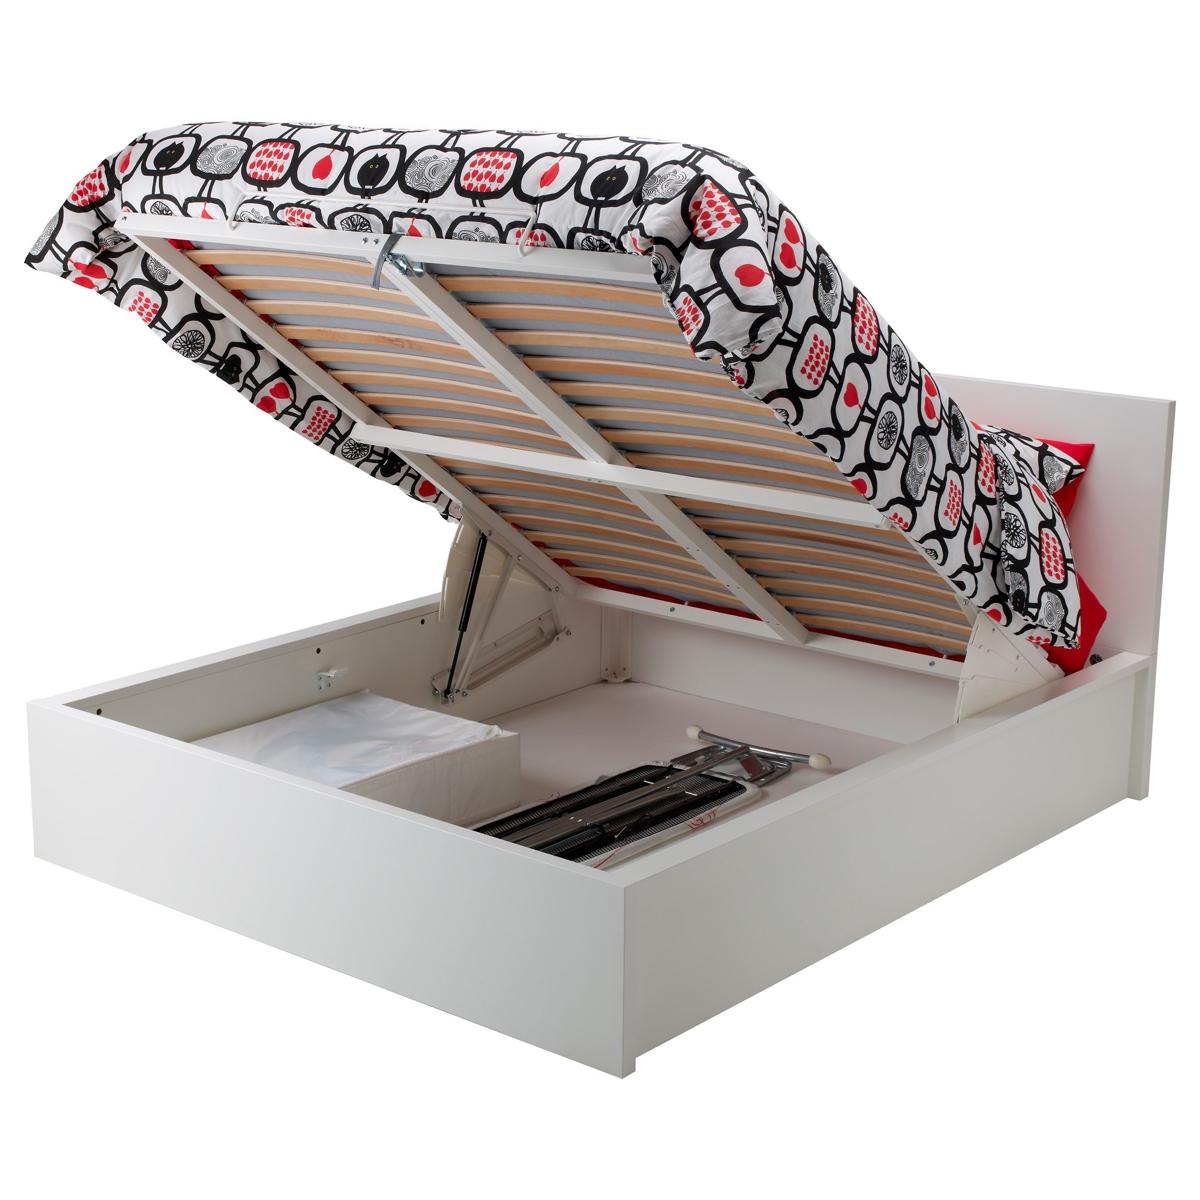 Camas abatibles de ikea - modelo Malm en blanco